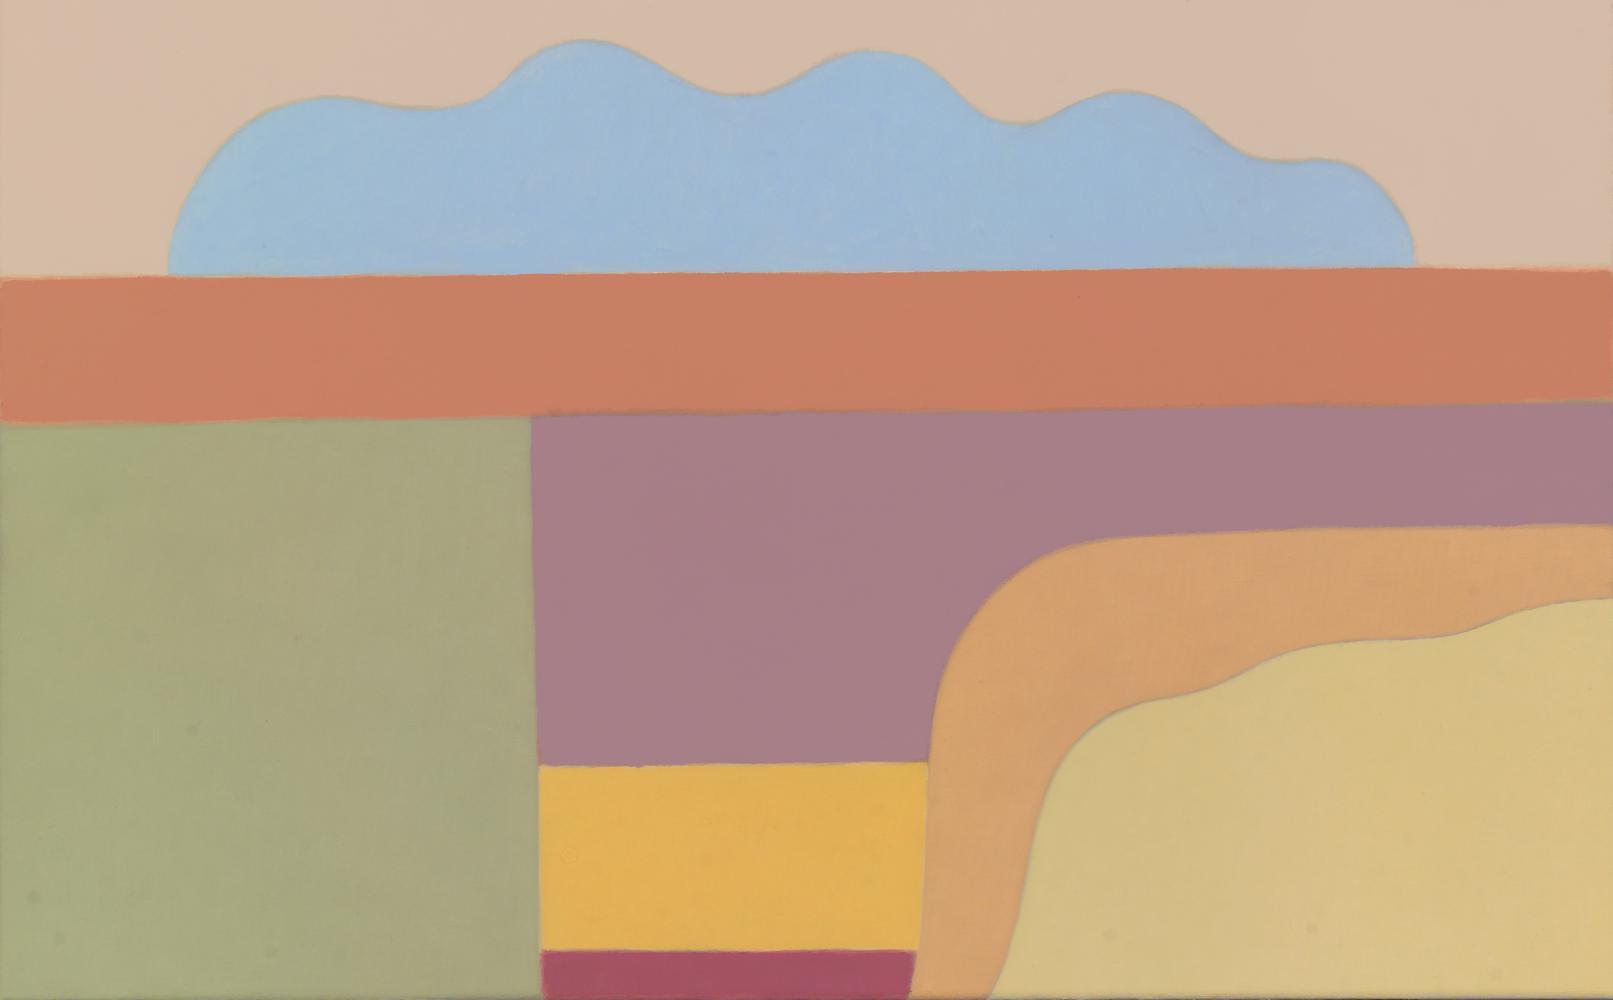 Sin título, 38 x 61 cm, óleo lienzo, 2011.